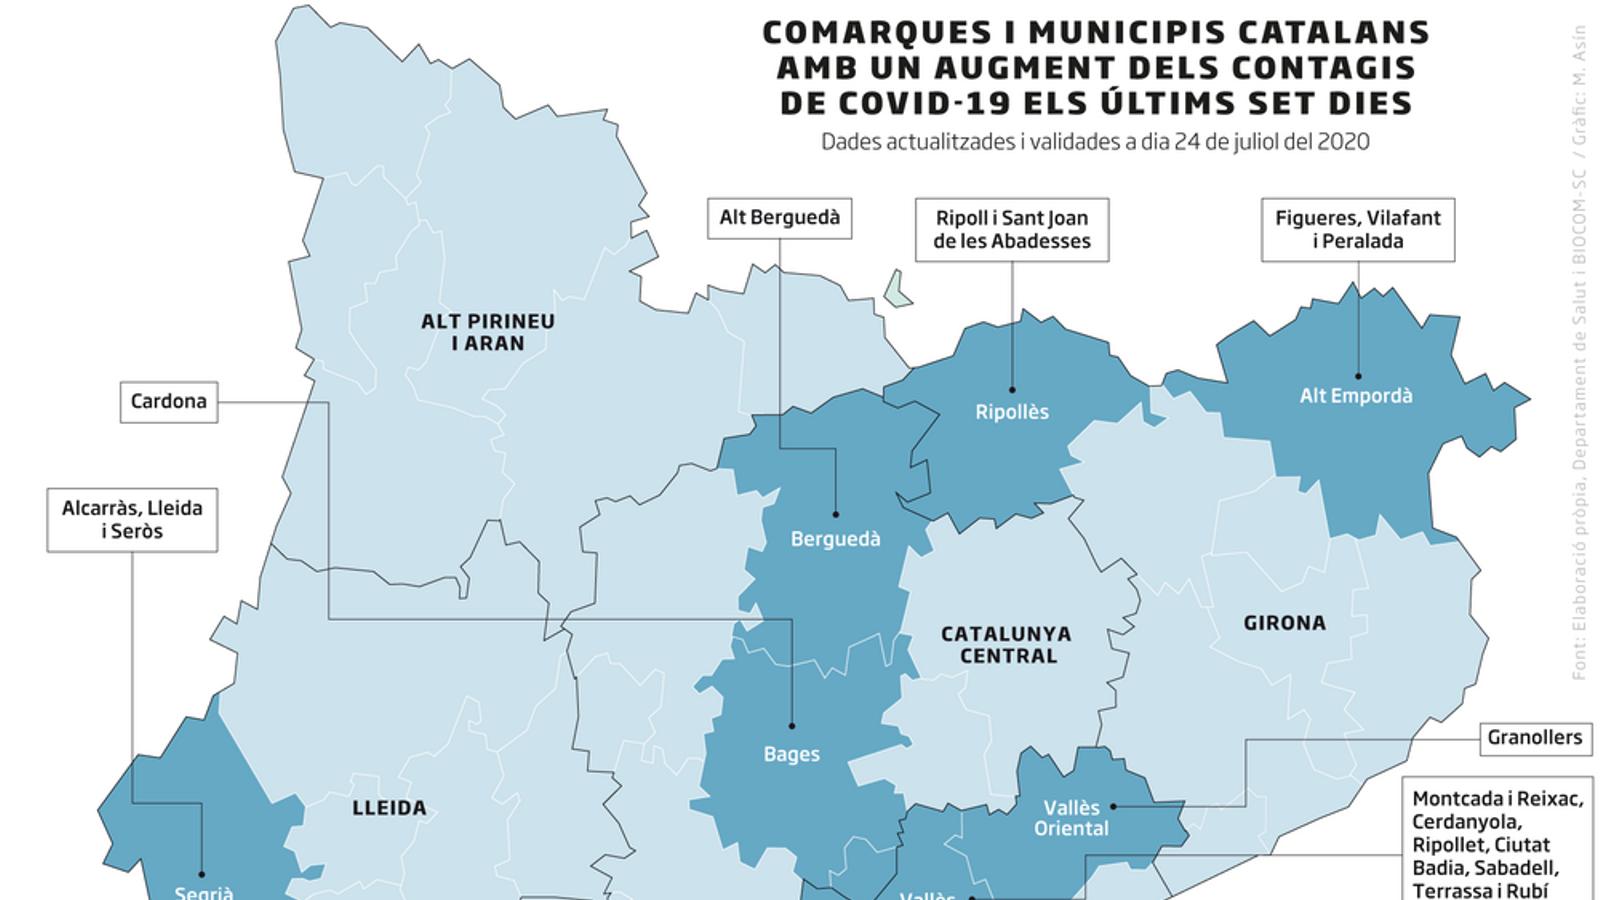 Salut vigila una quarantena de municipis per l'augment dels contagis